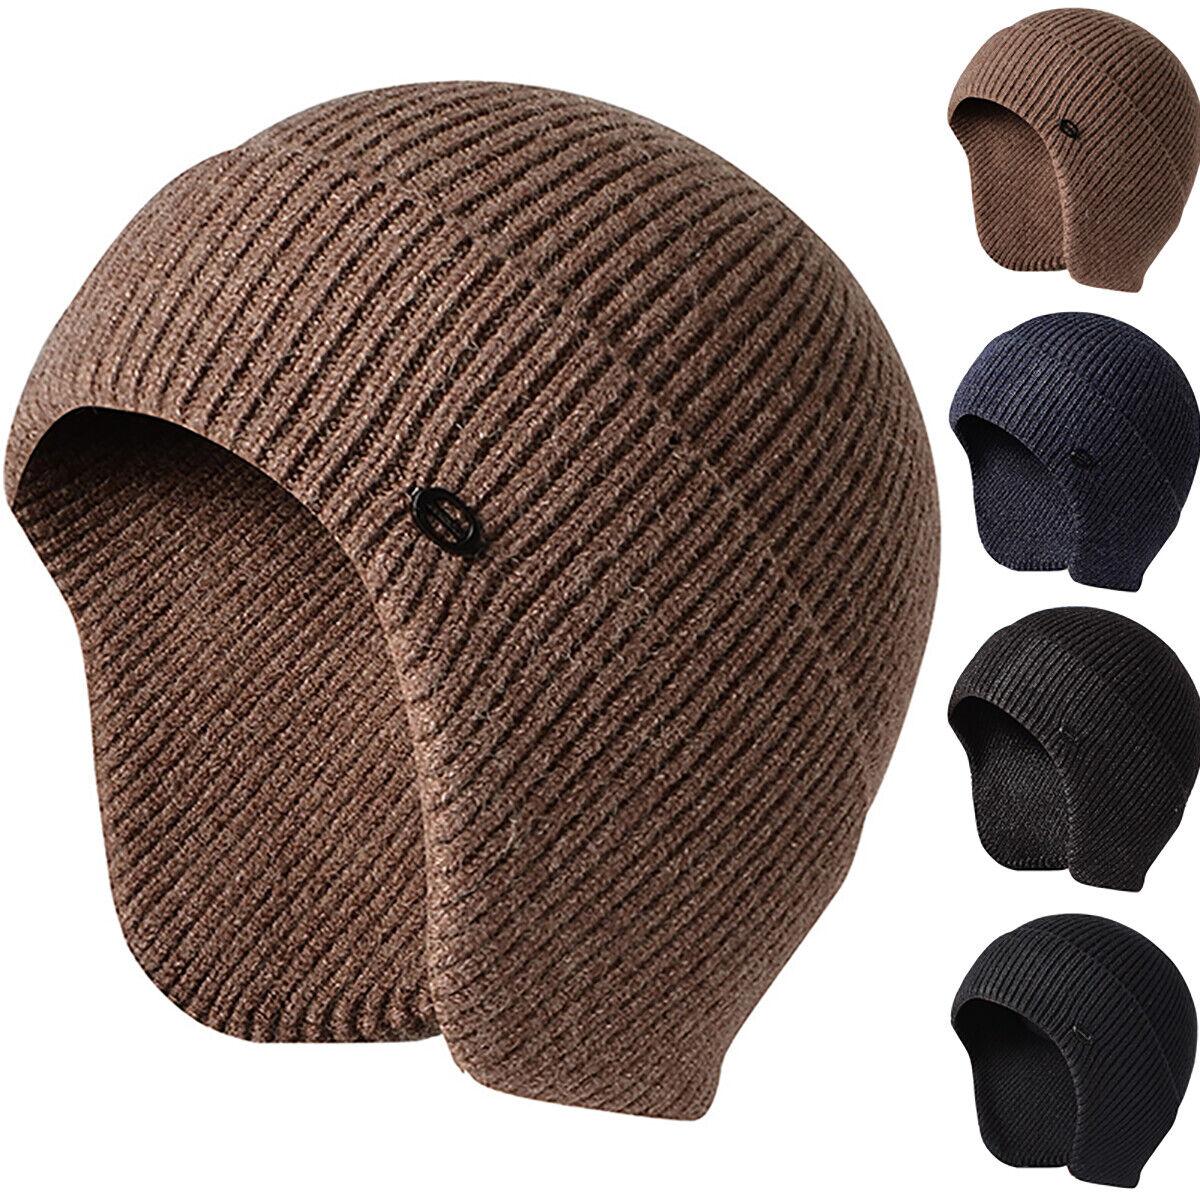 Herren Strickmütze Beanie Hüte Wintermütze Warme Wollmütze Motorrad Ski Mütze